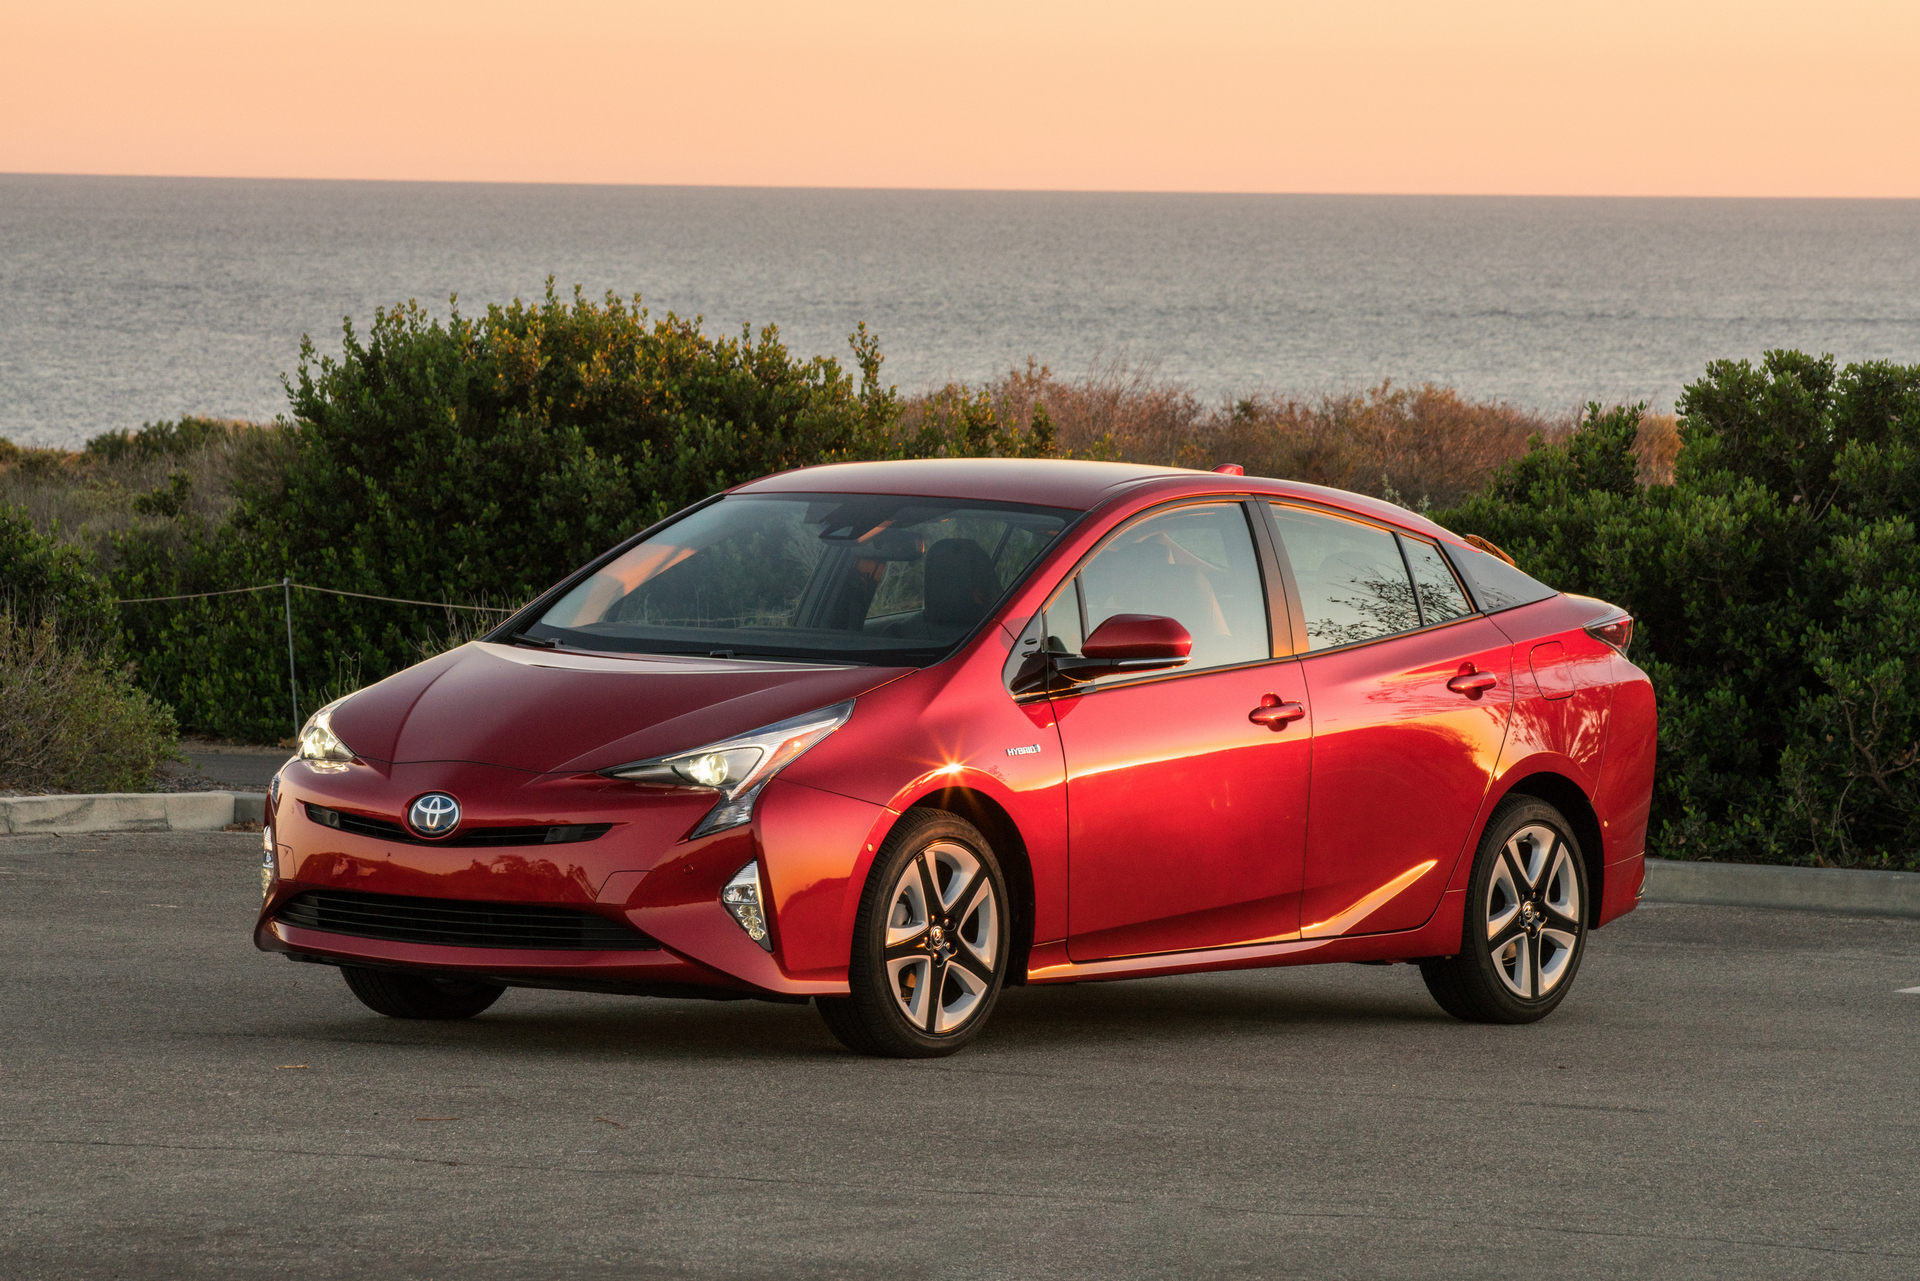 Toyota Prius Hybrid Motor Corporation